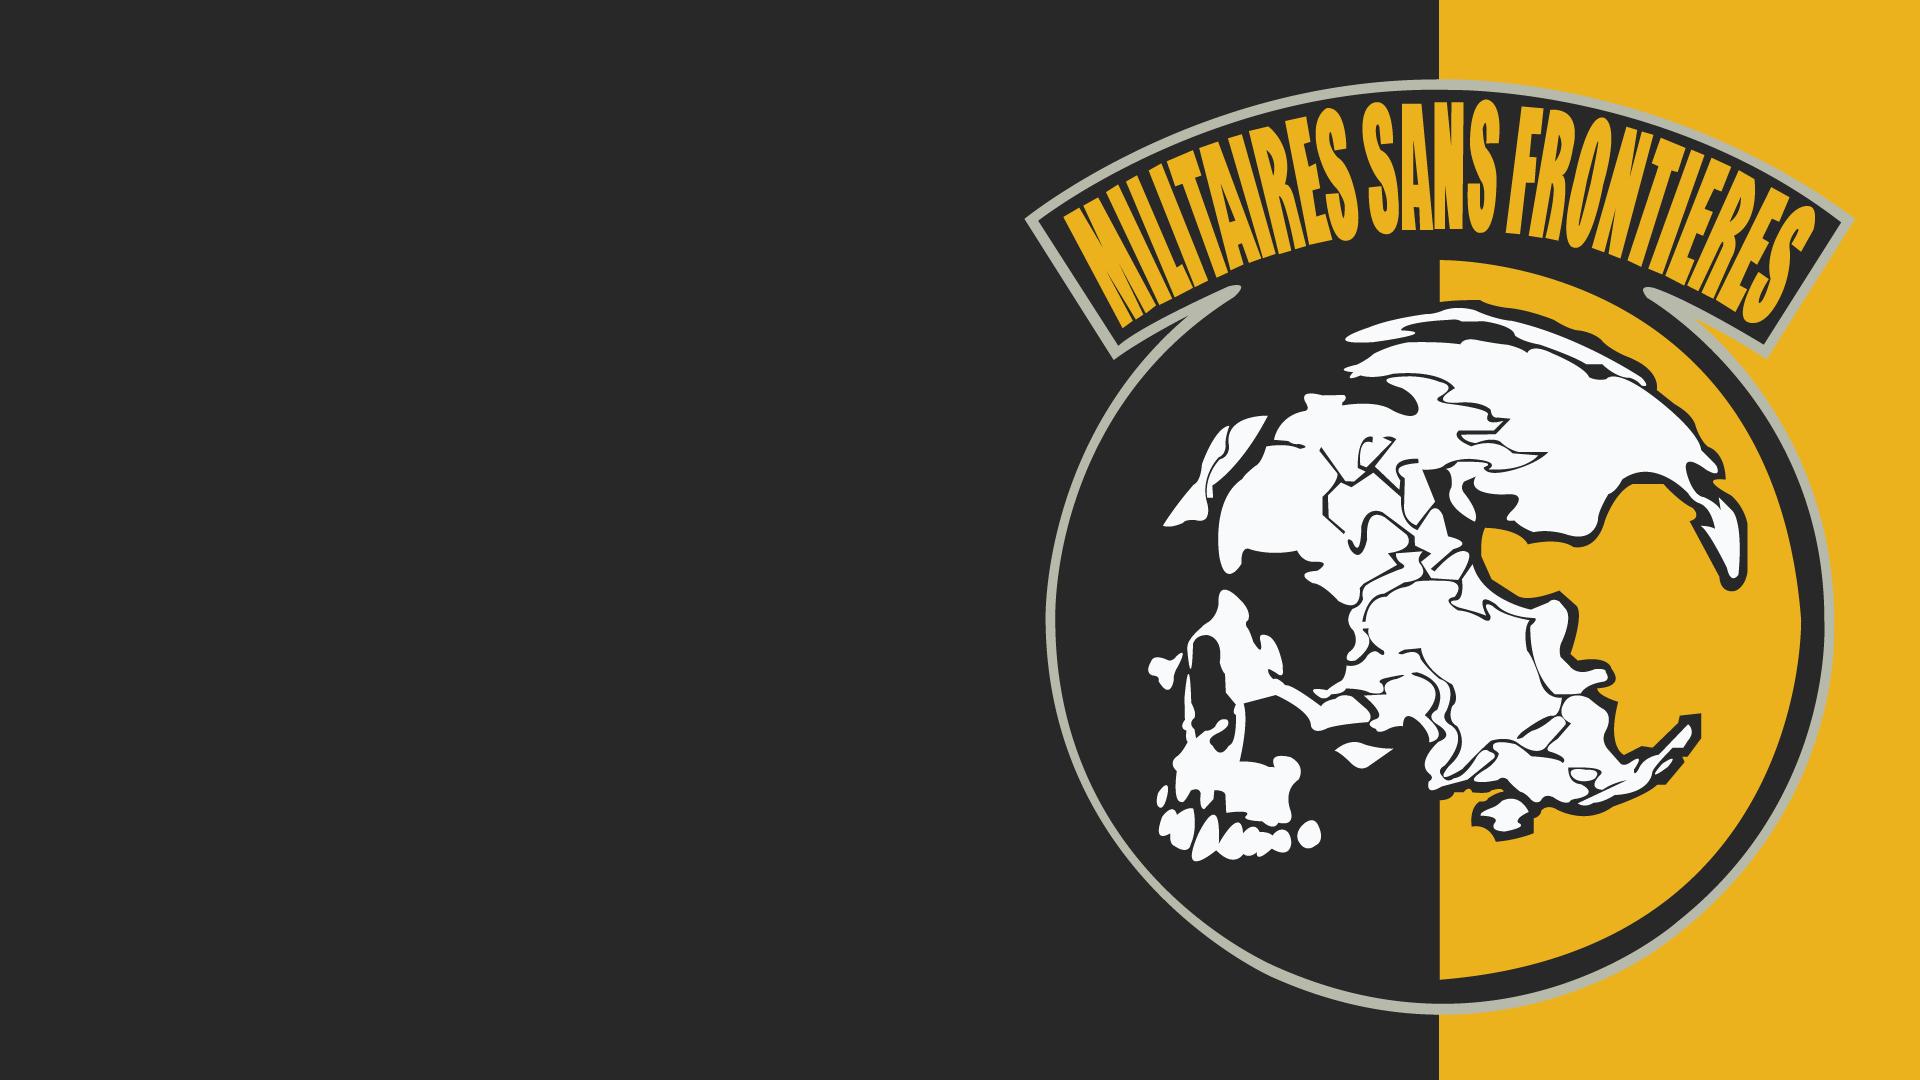 Metal Gear Solid skull skulls dark wallpaper 1920x1080 112884 1920x1080